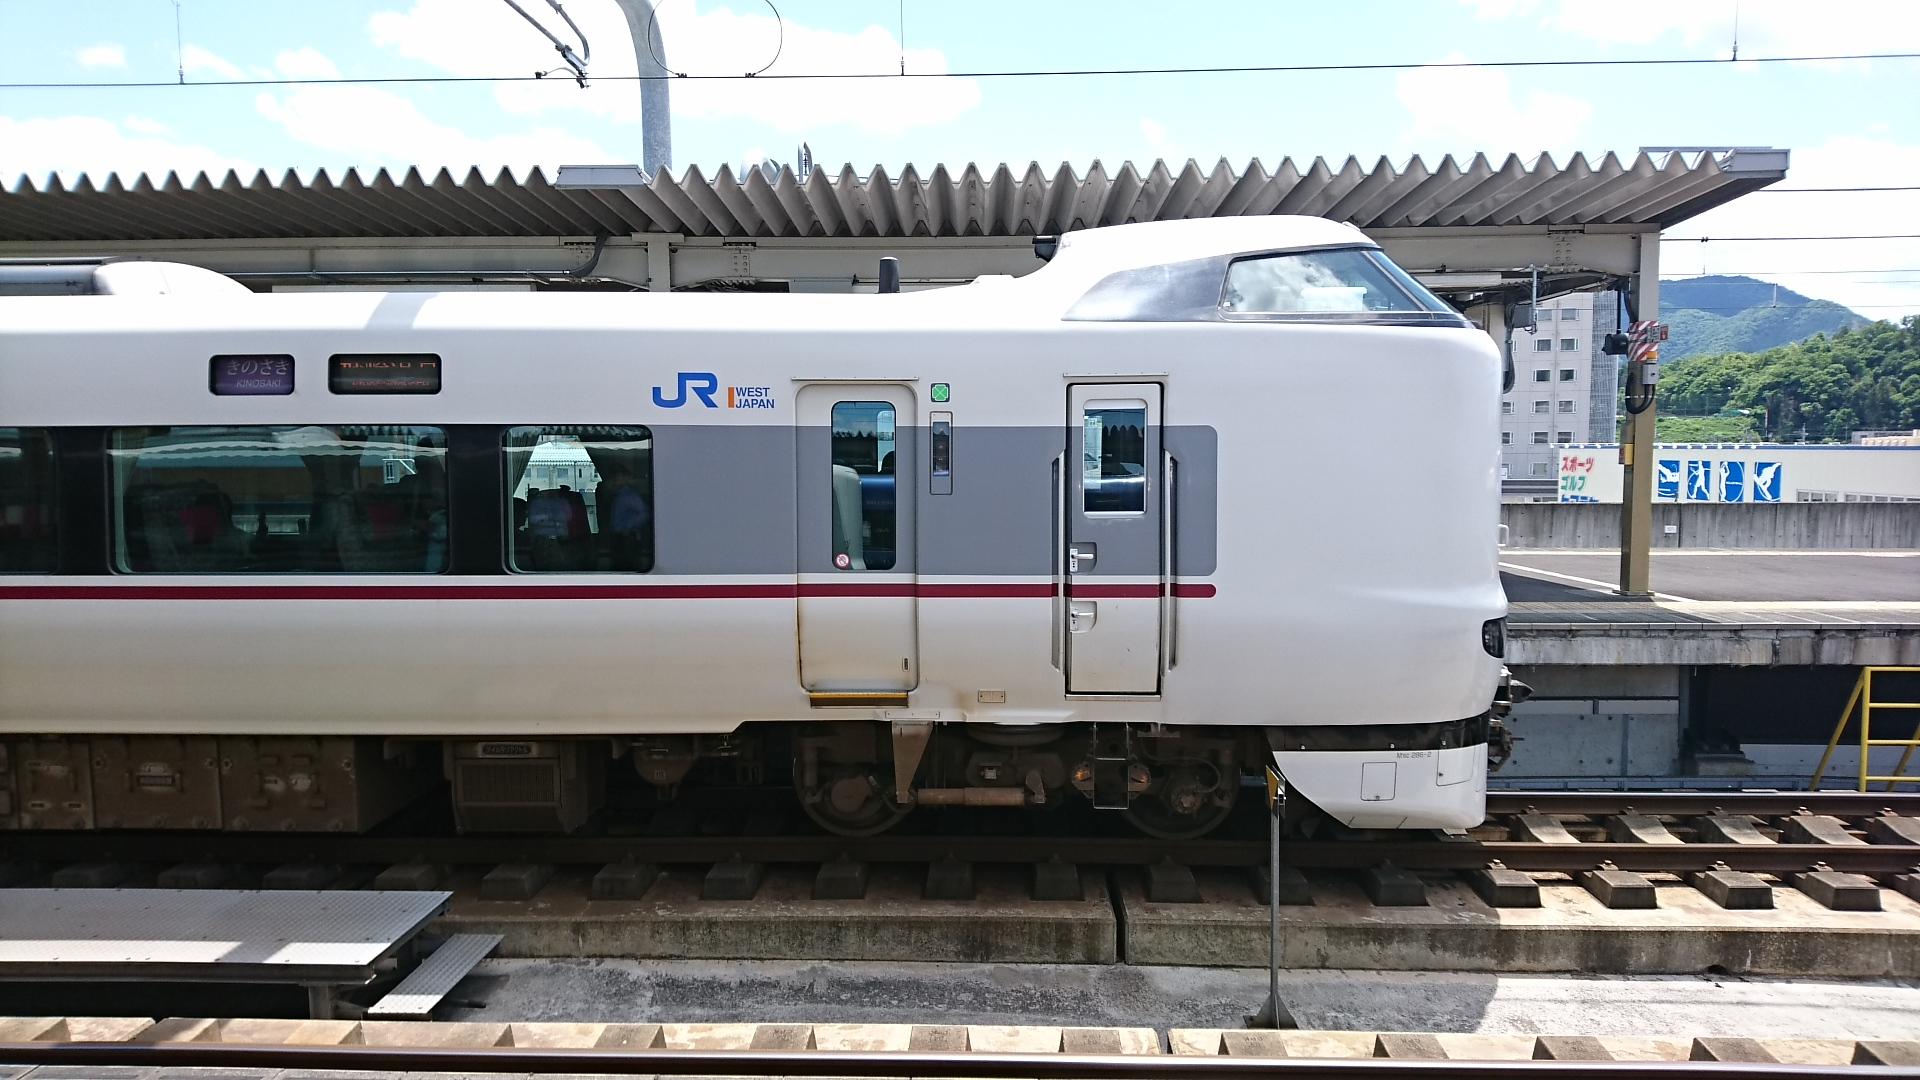 2017.6.4 天橋立 (126) 福知山 - きのさき5号 1920-1080